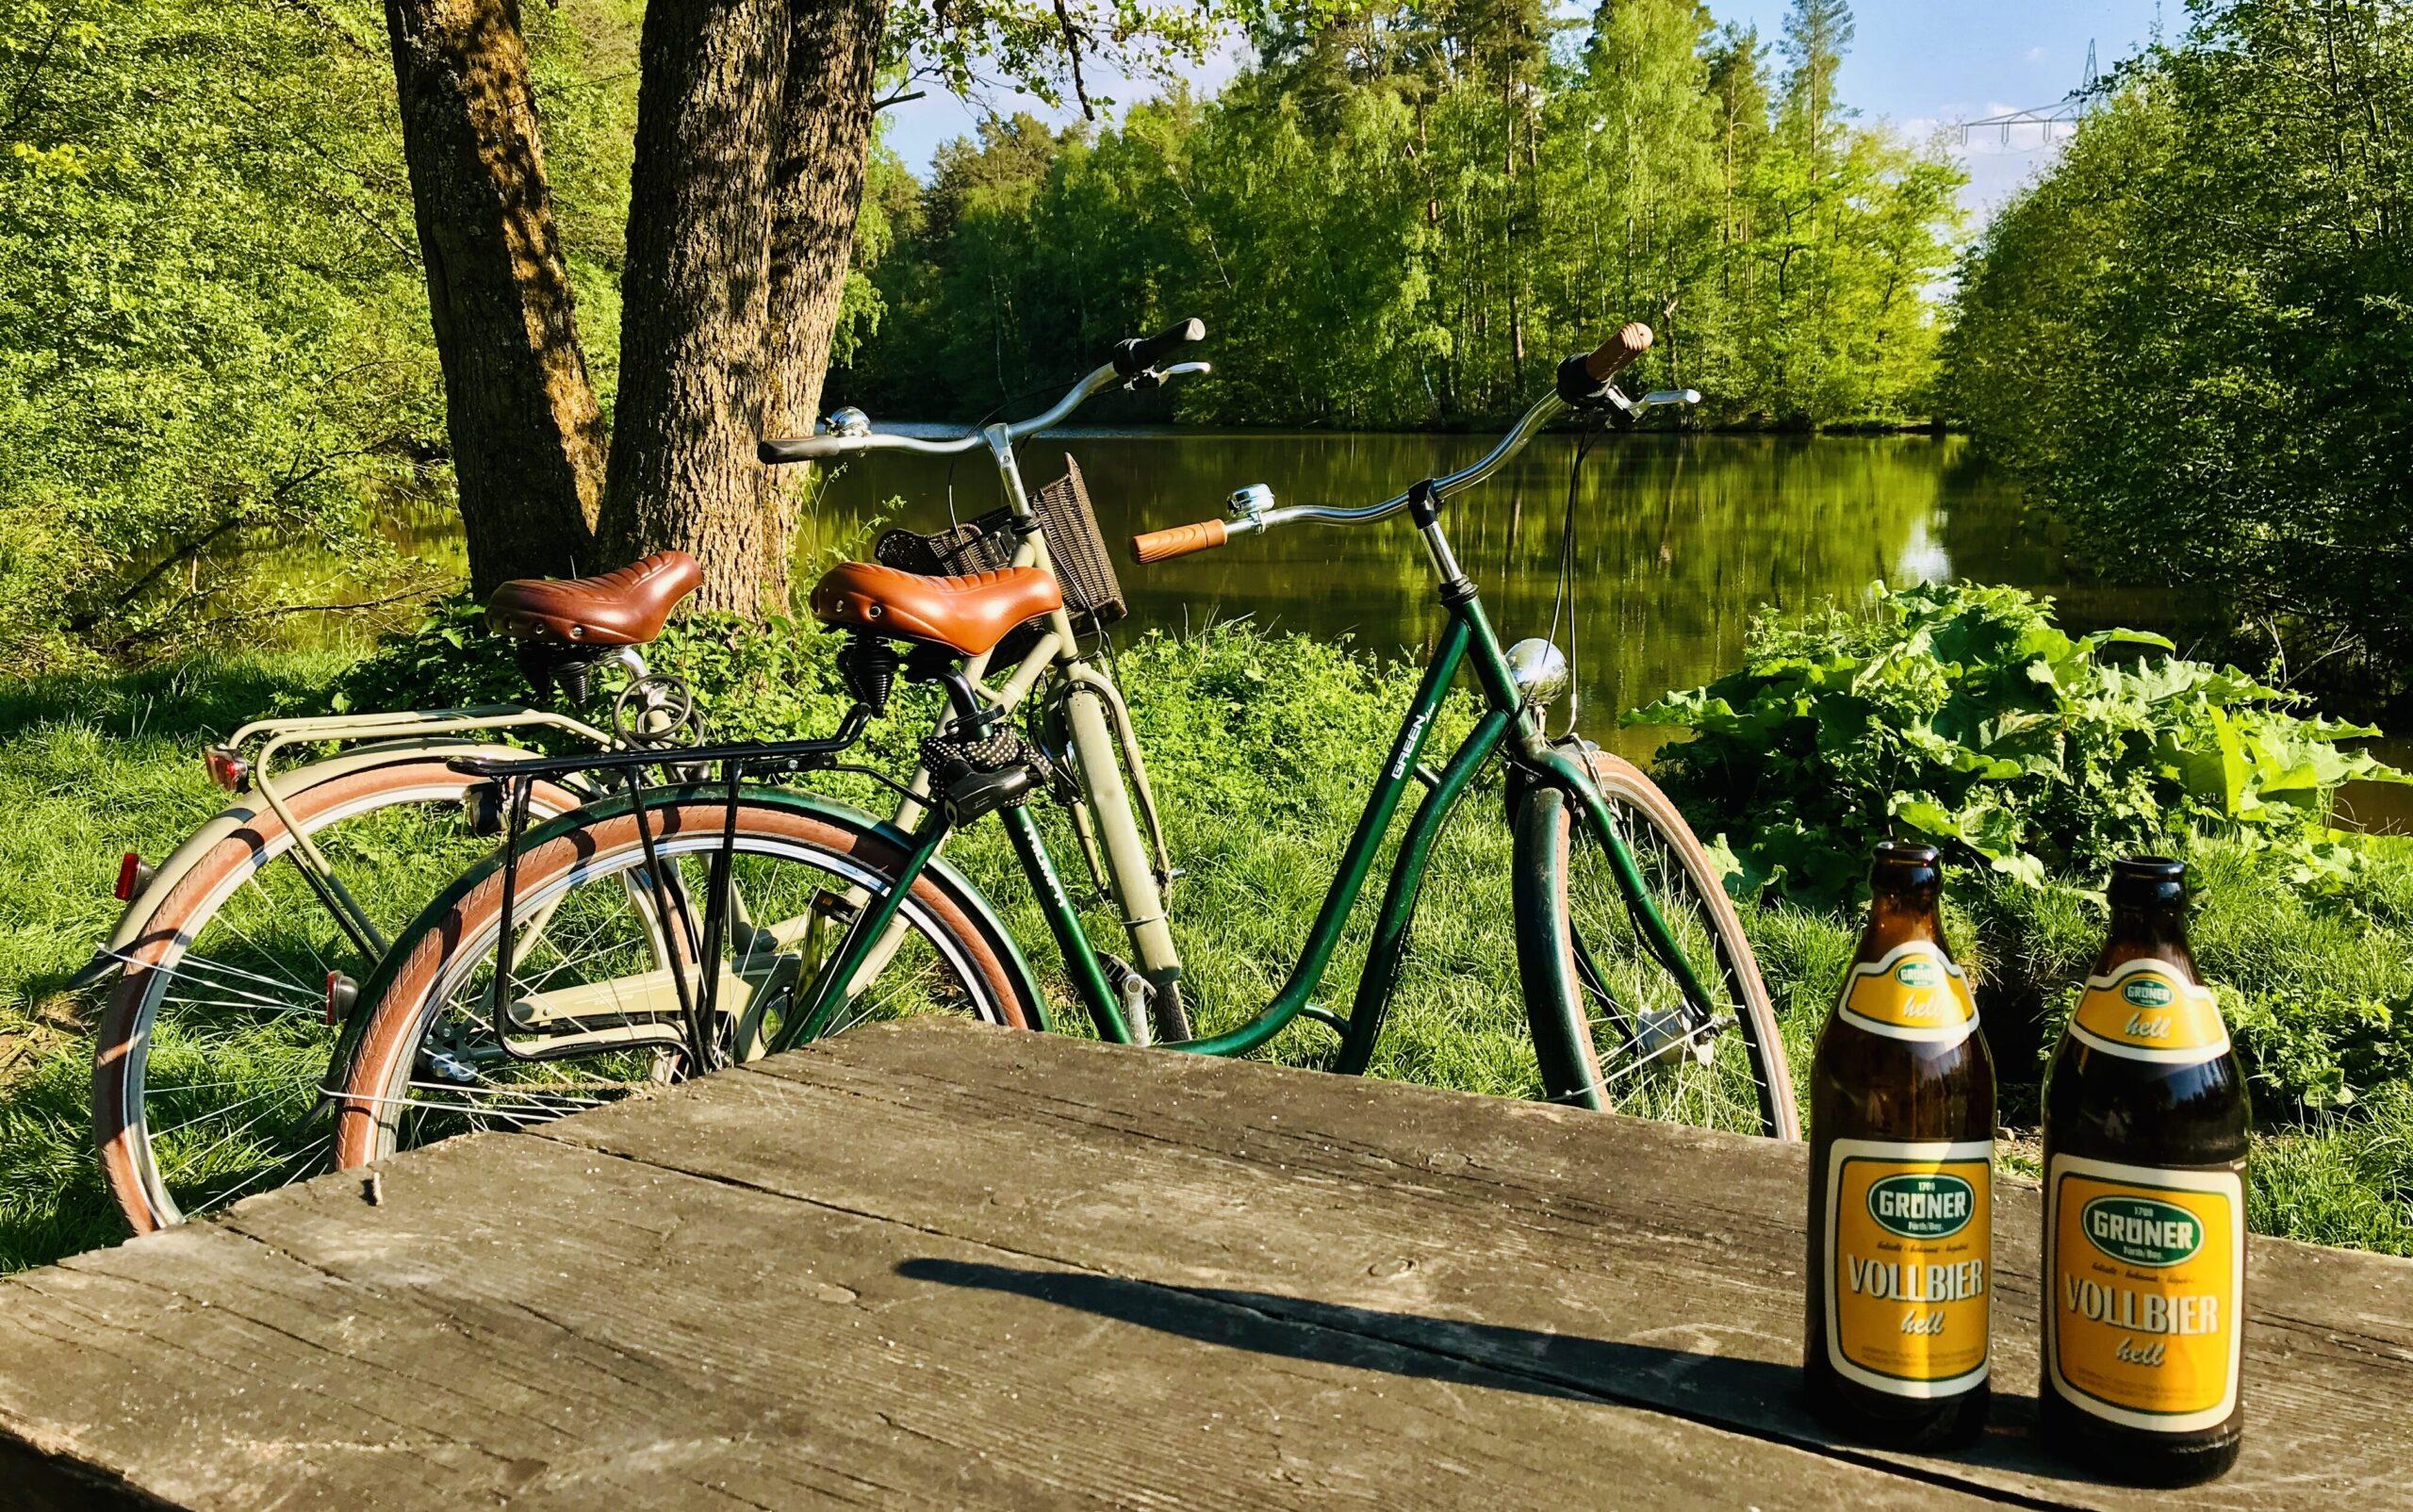 Wohin am Sonntag in Nürnberg? Hier findest du die besten Tipps.